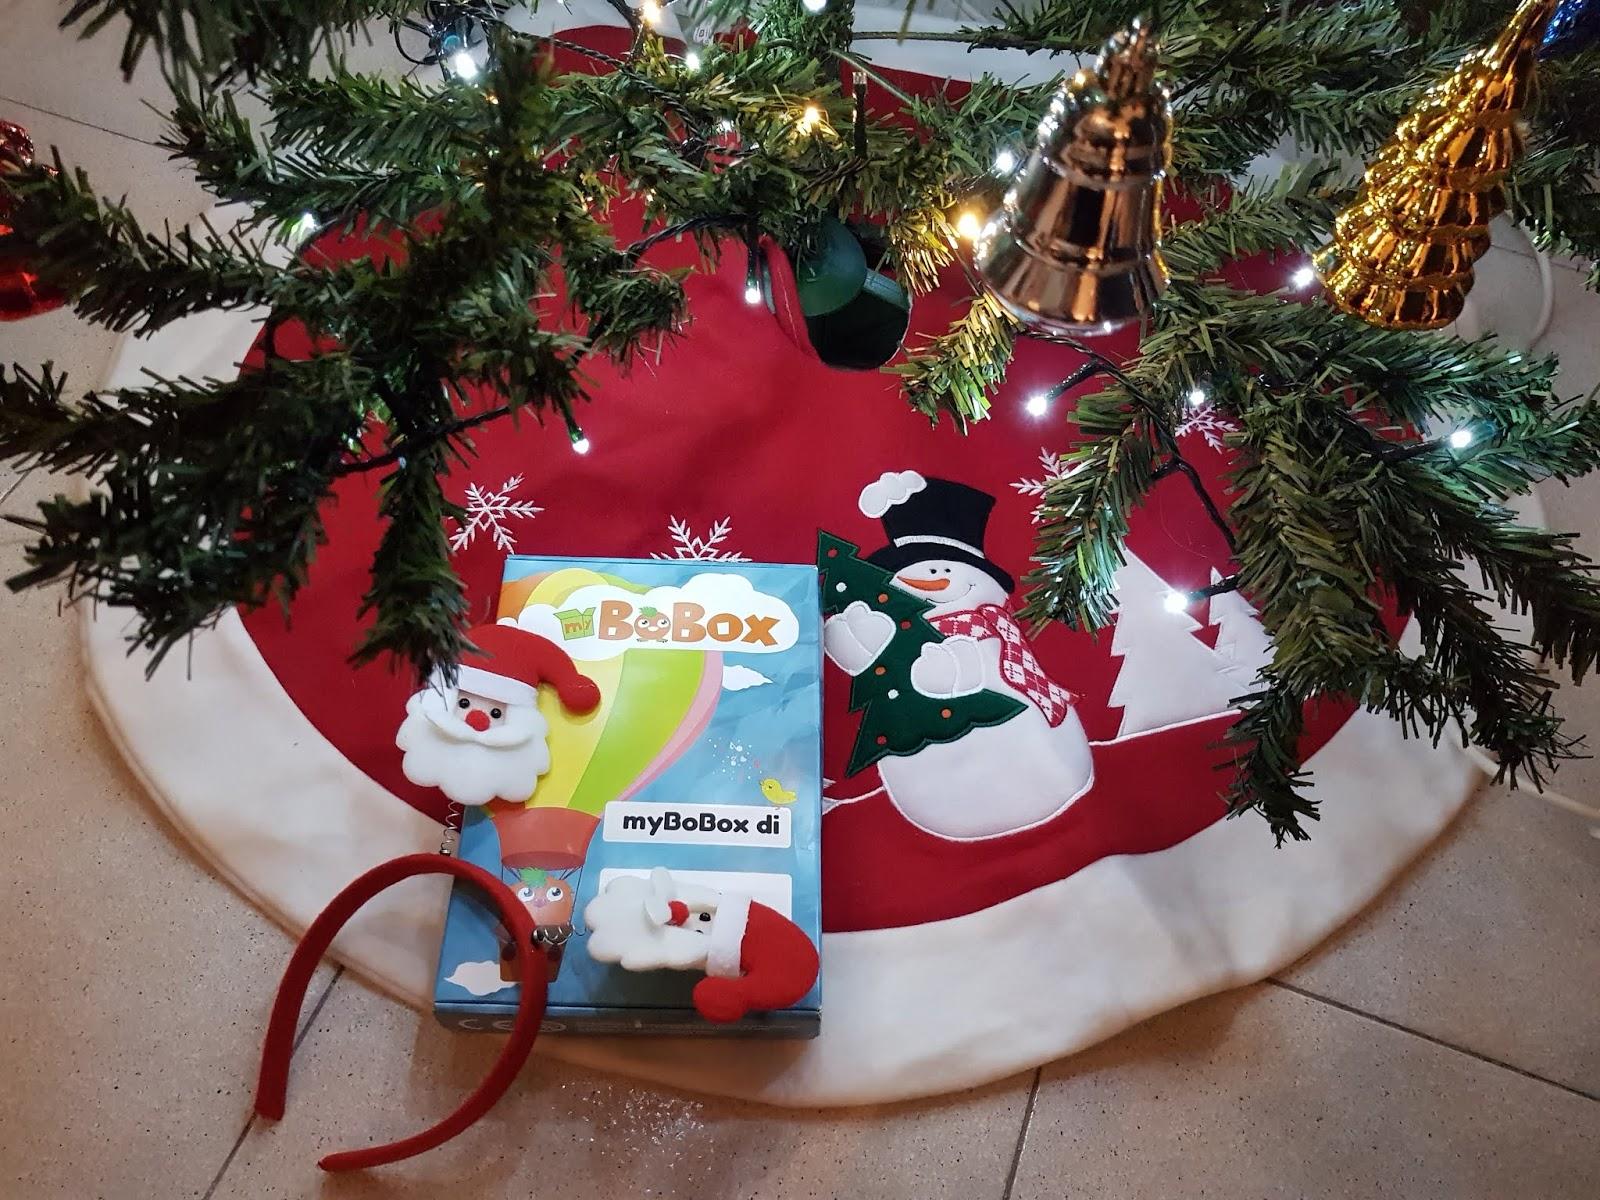 Idee Creative Per Natale natale: idee regalo creative e originali con mybobox ~ da